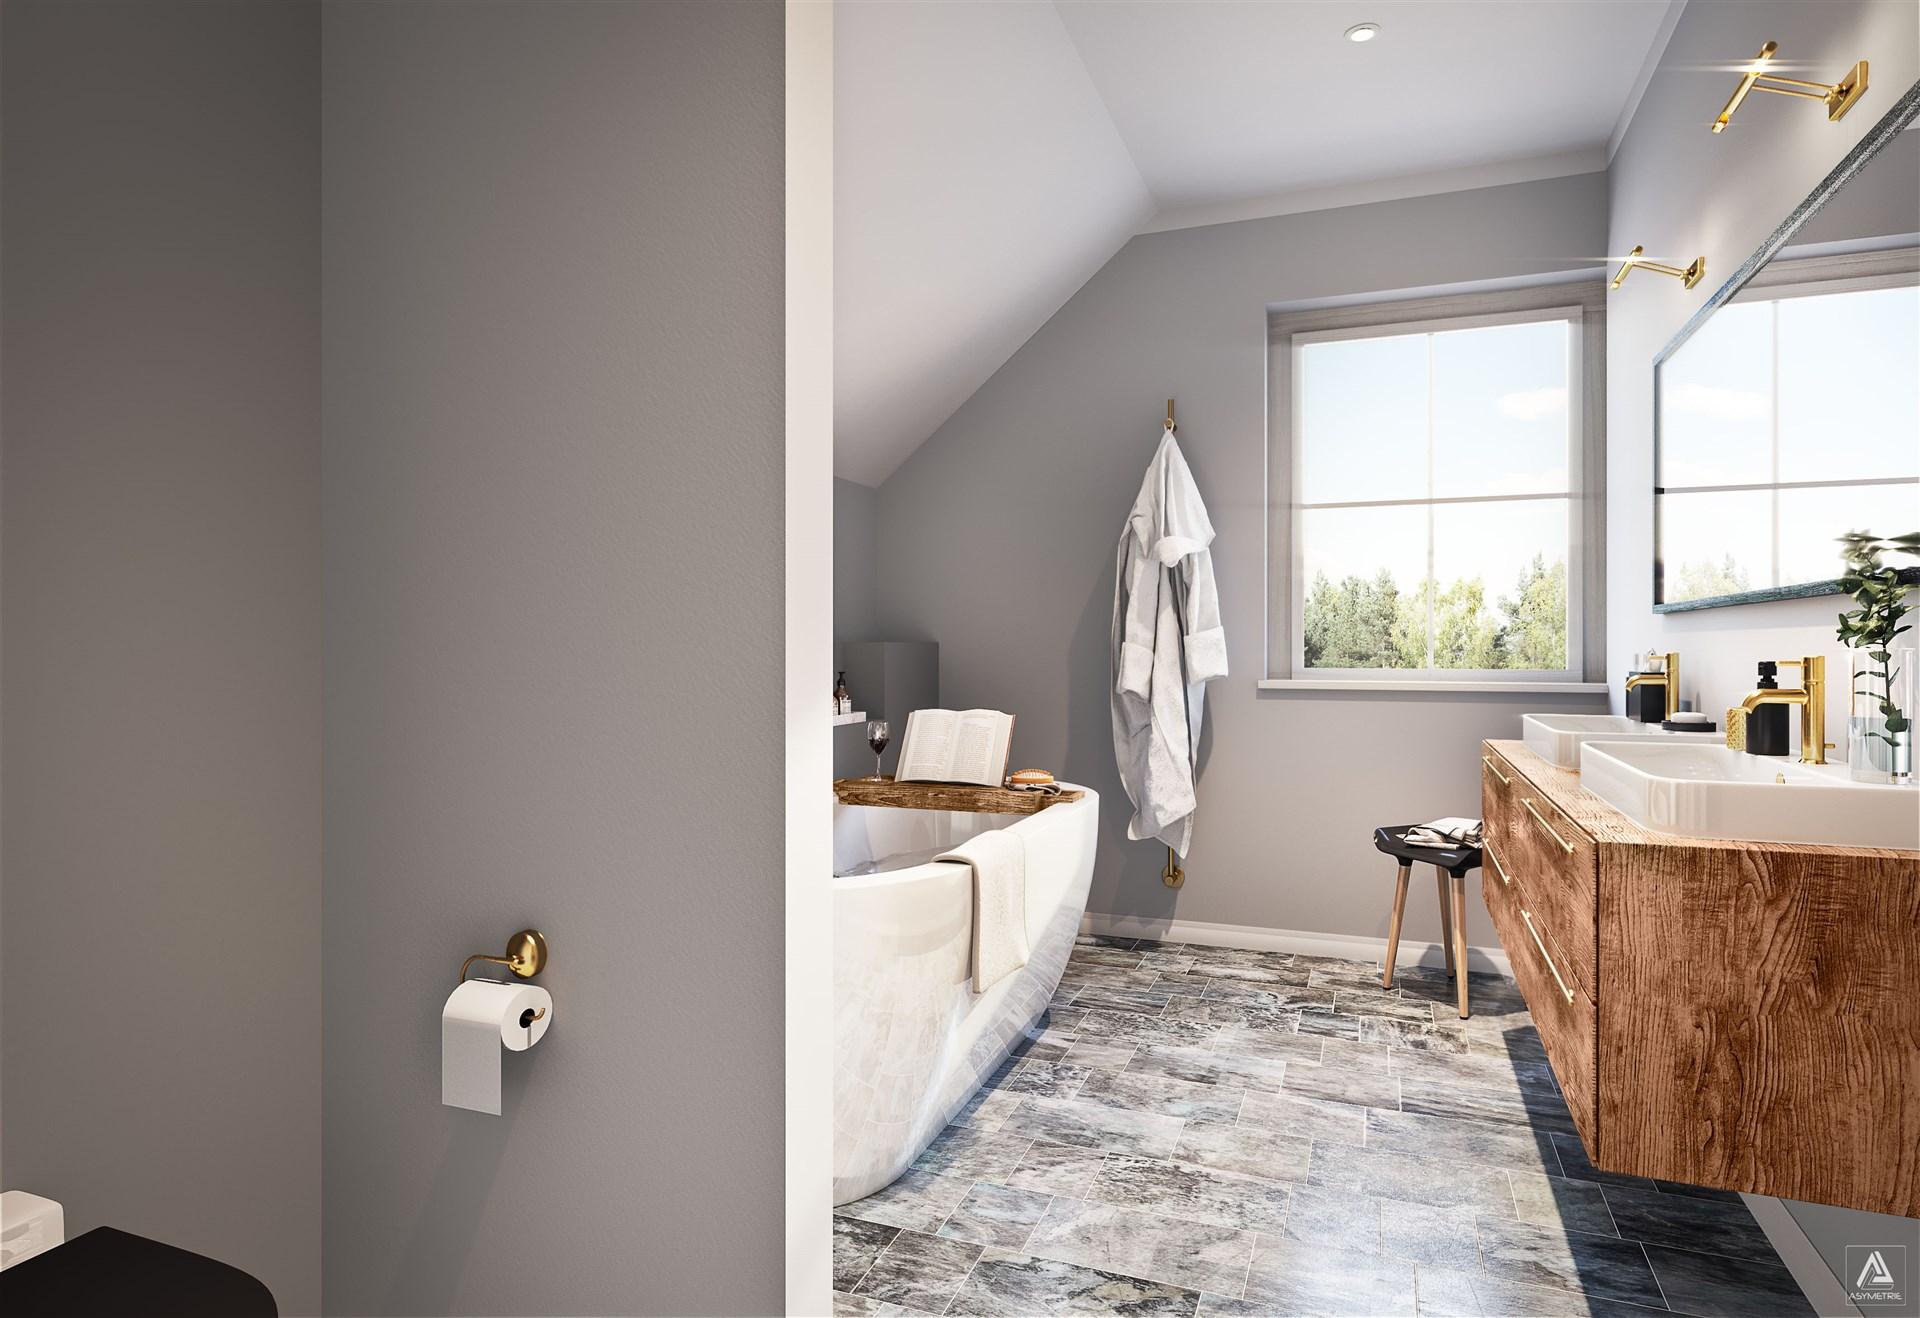 Badrum, övervåning (Observera att bilden är en förillustration och avvikelser förekommer)